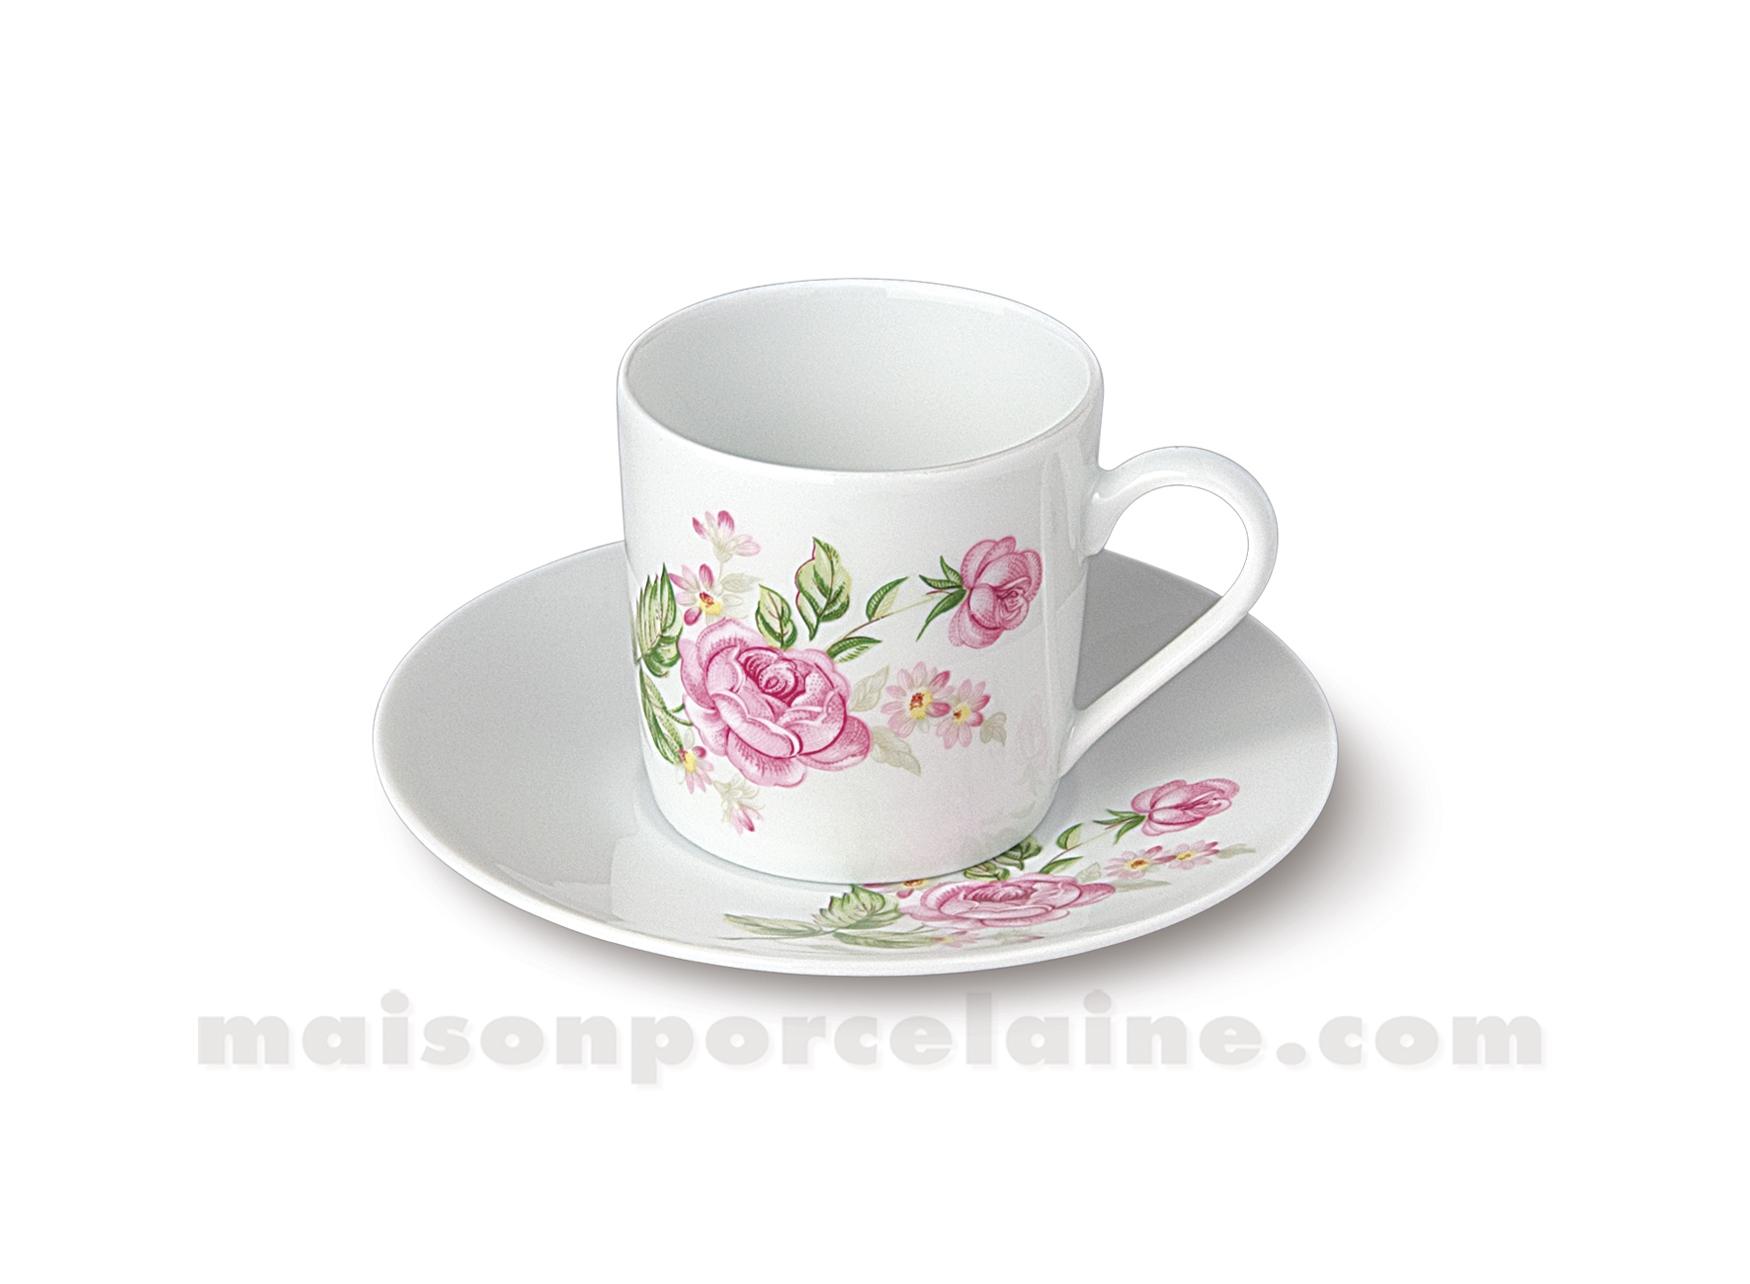 Tasse cafe soucoupe limoges empire 10cl maison de la - La maison de porcelaine ...